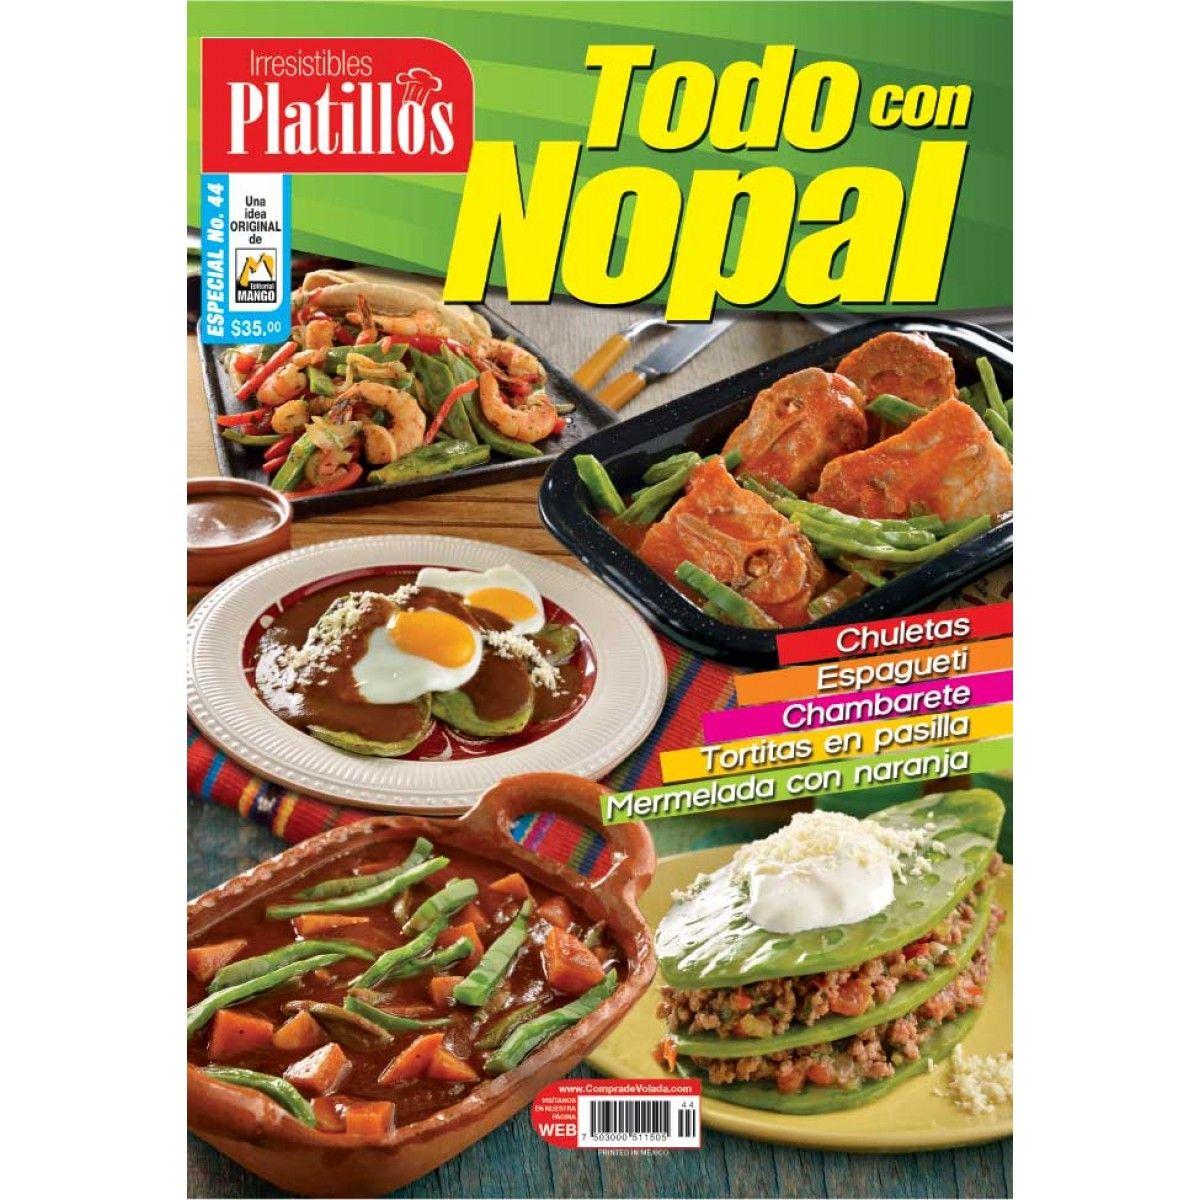 Irresistibles Platillos Especial 44 - Todo con Nopal |Revista Impresa